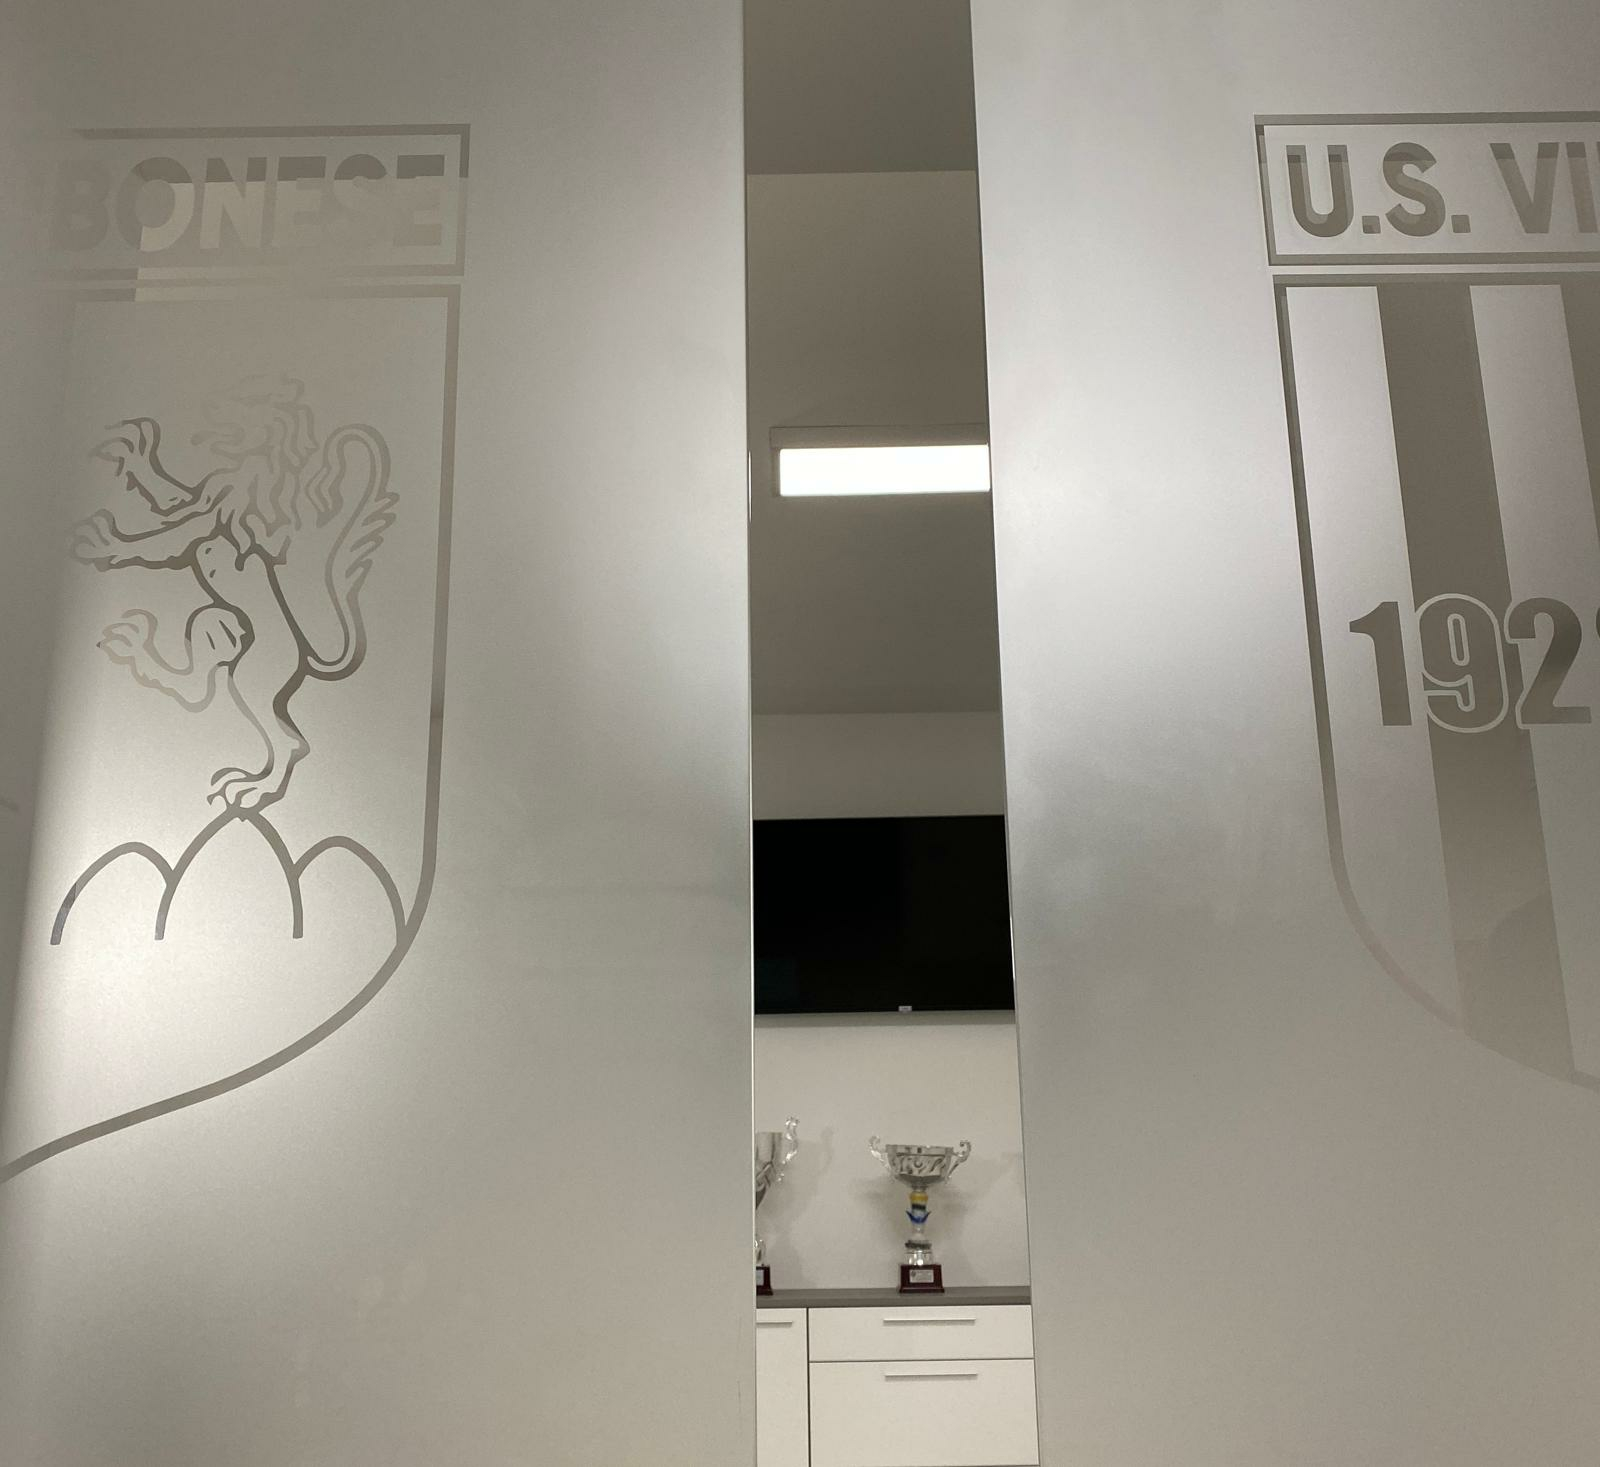 EMERGENZA CORONAVIRUS |  Pagati stipendi e contributi immagine 14609 US Vibonese Calcio